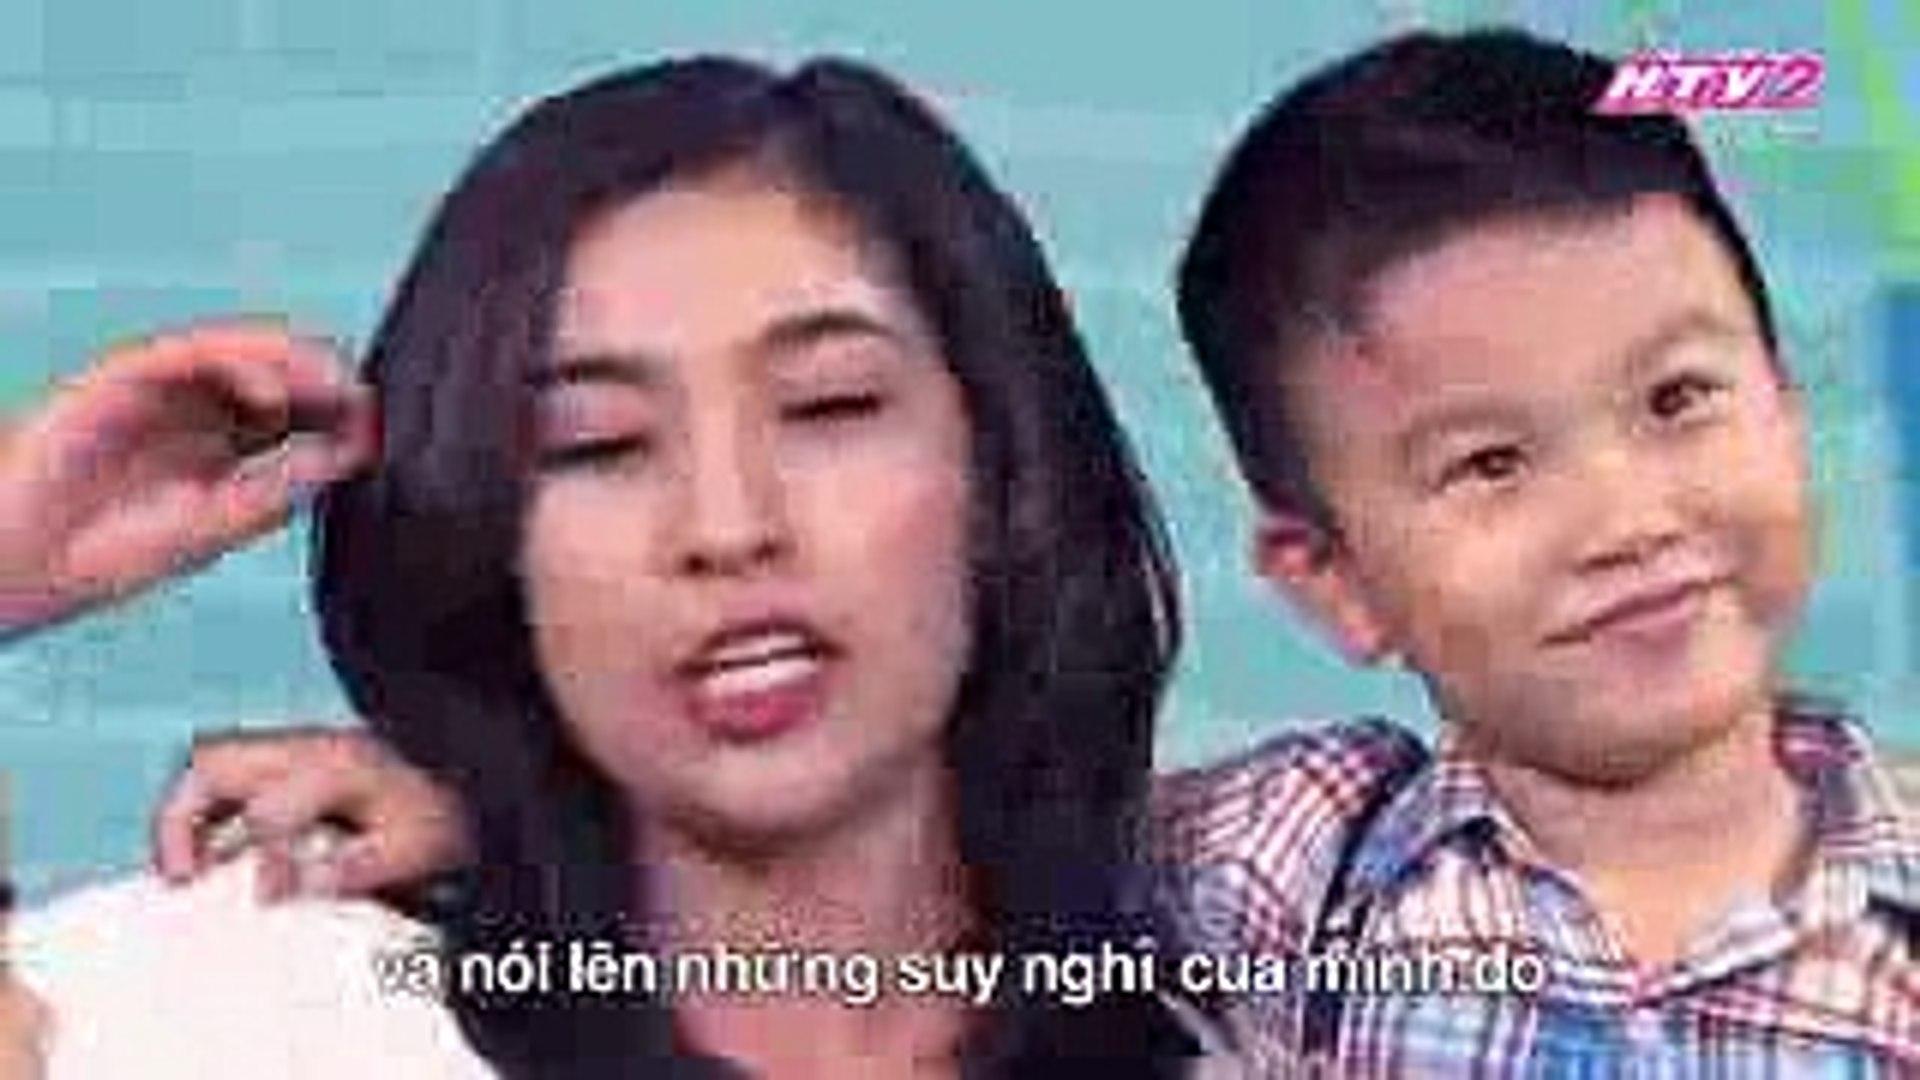 Bé biết tuốt Minh Khang  Dí dỏm đối đáp cùng mẹ trong Nhanh Như Chớp phiên bản Nhí tuyển sinh